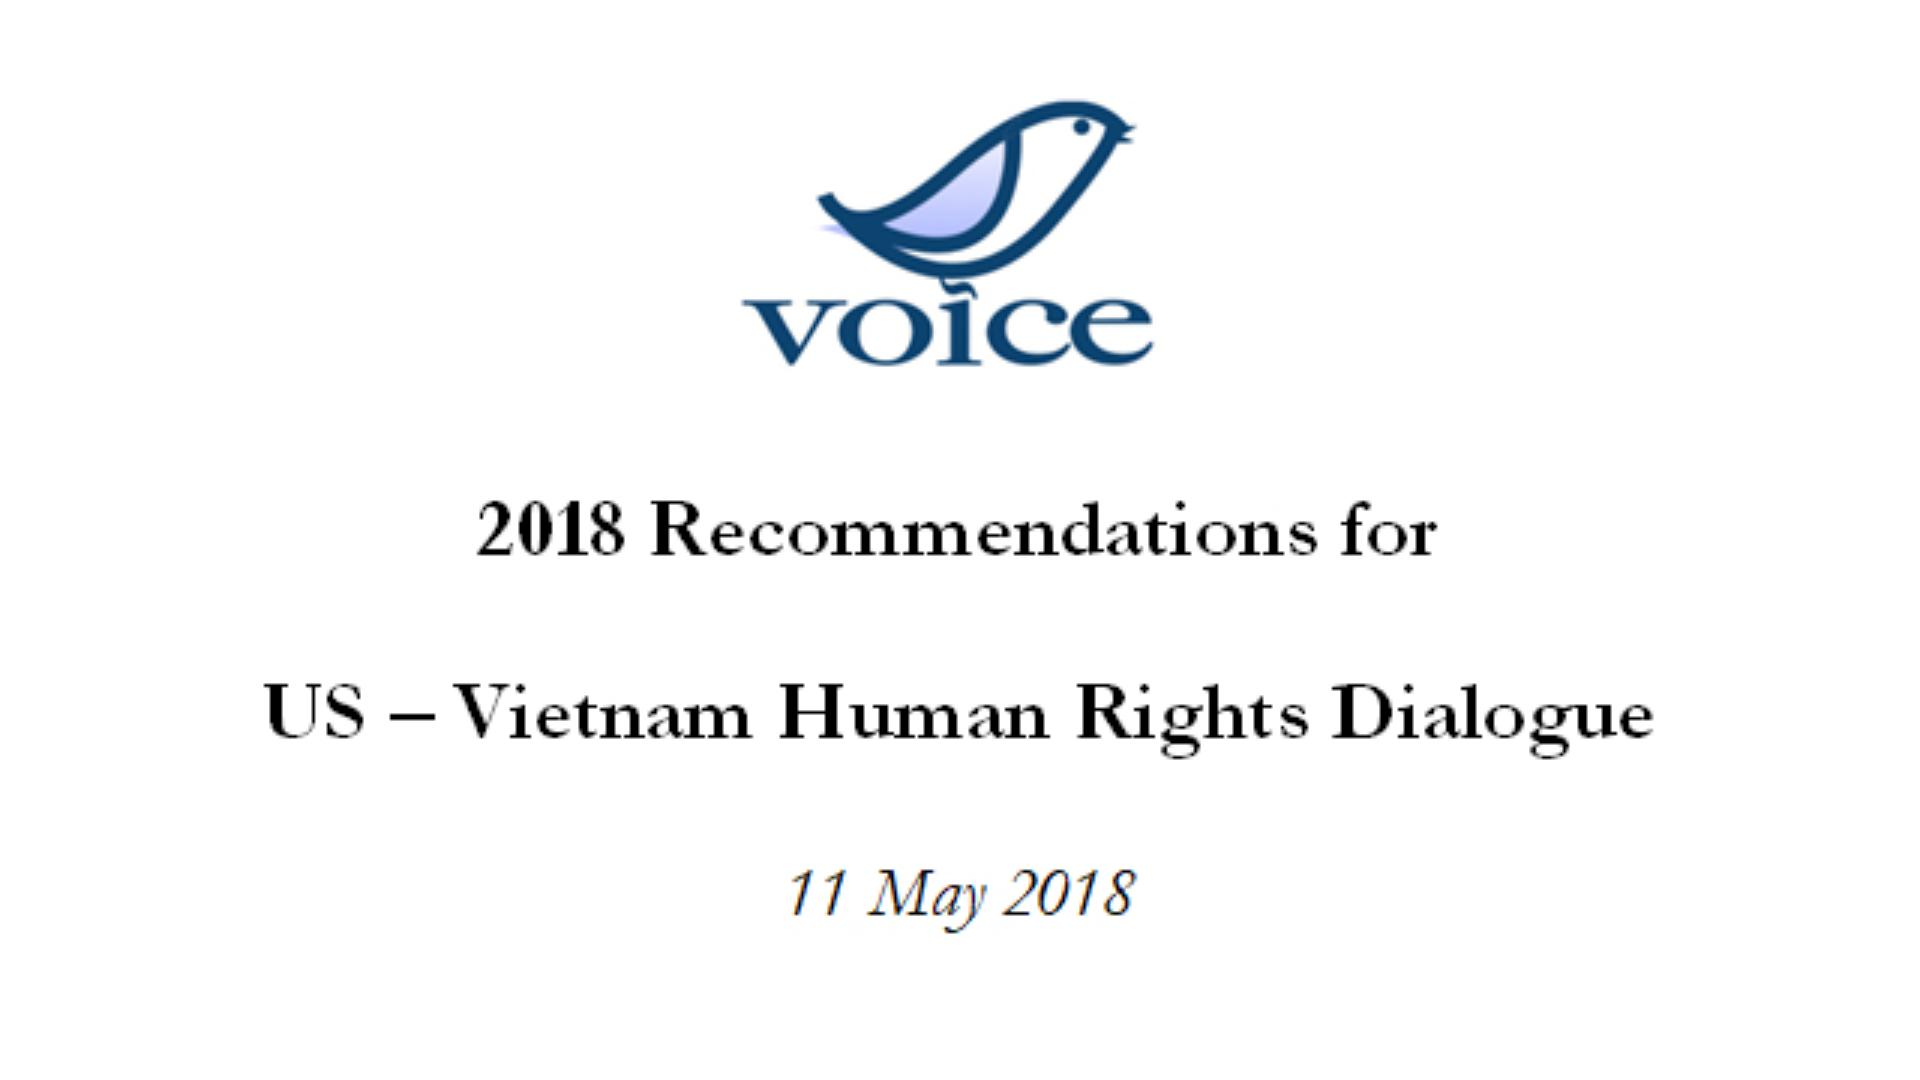 Các Khuyến nghị của VOICE cho Đối thoại Nhân quyền Hoa Kỳ – Việt Nam 2018